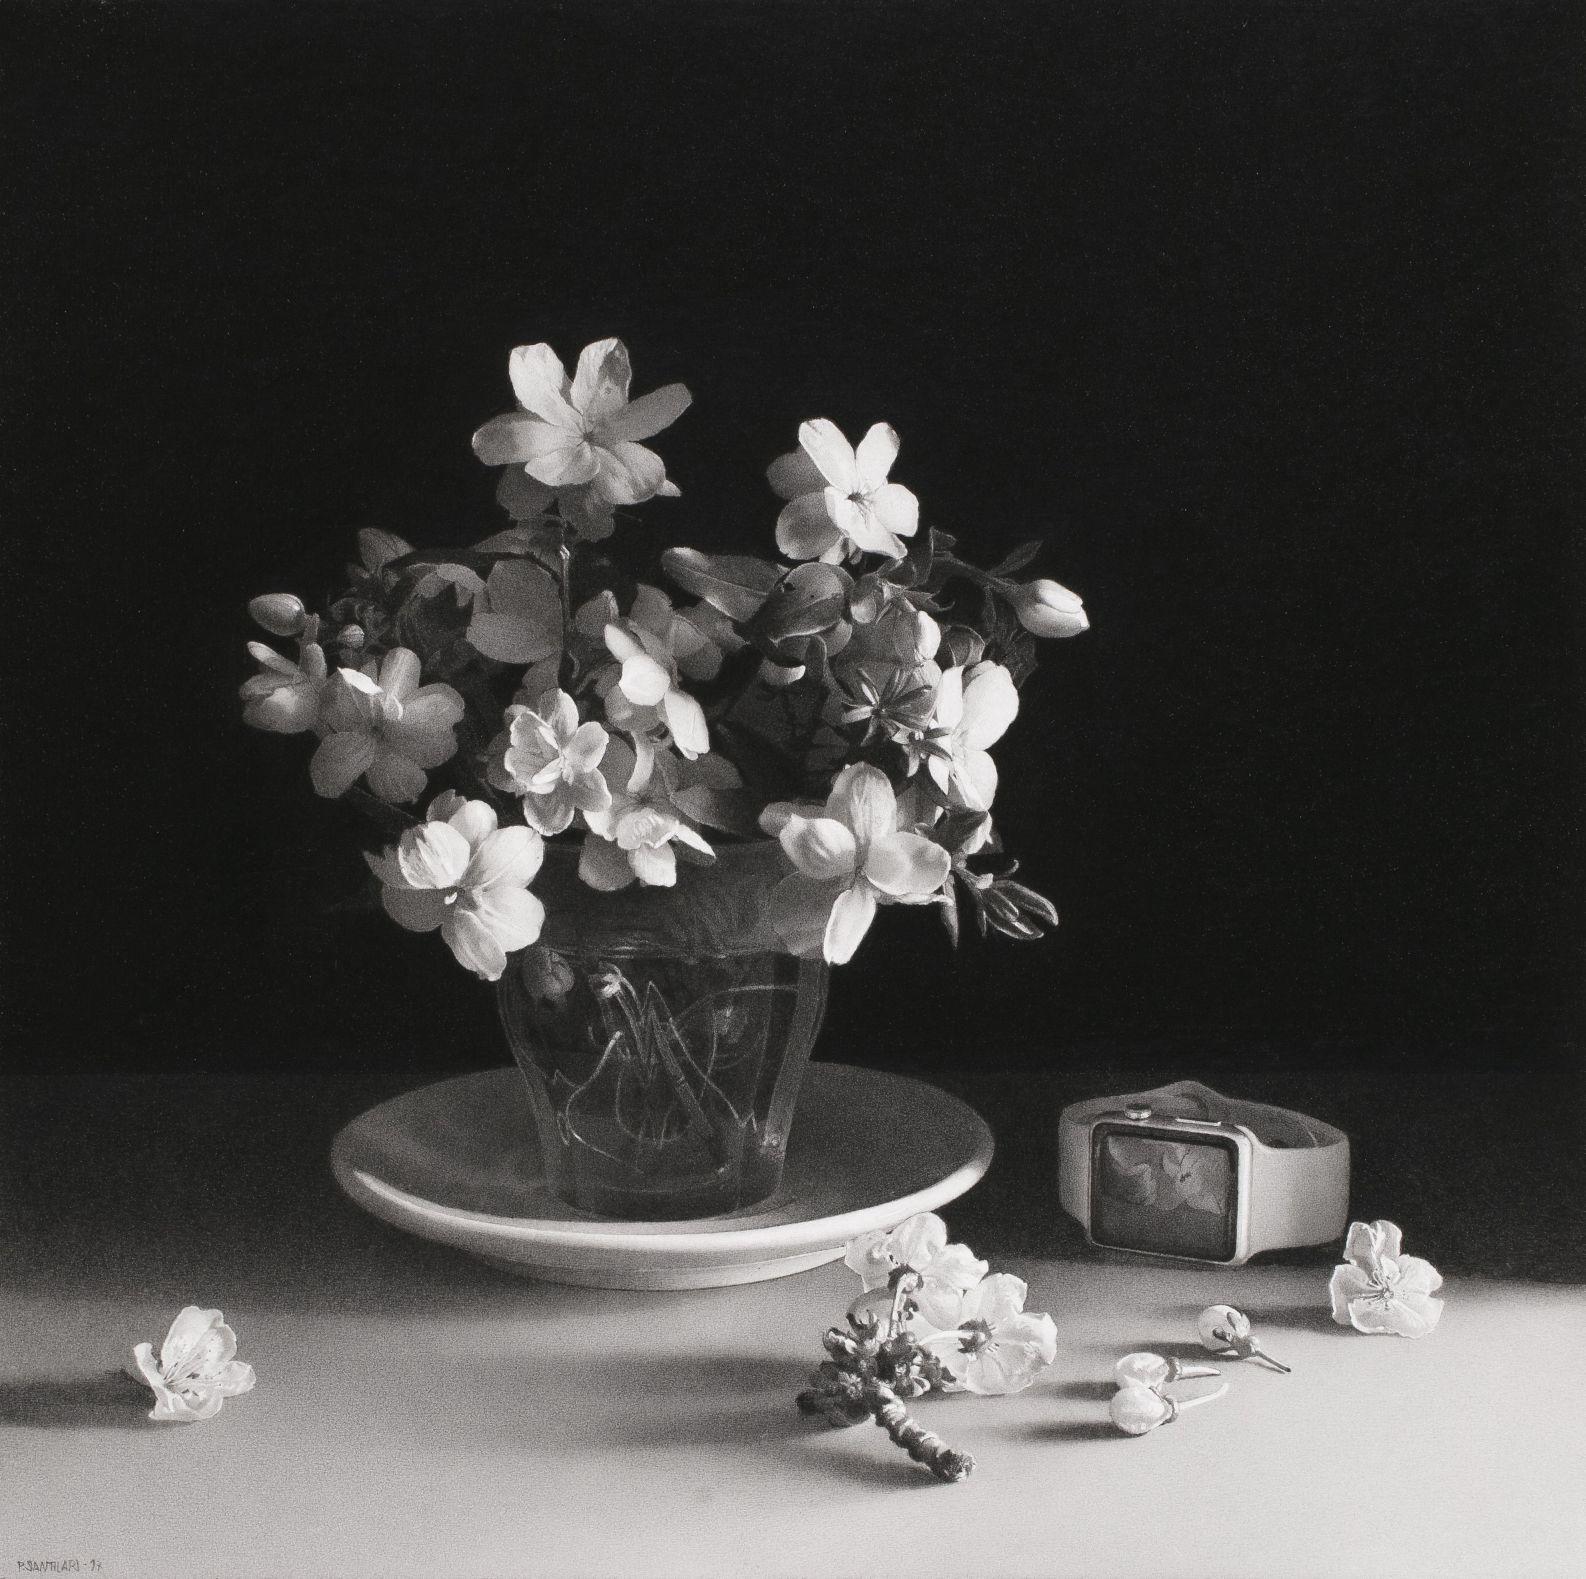 La efimera bellesa (2017) - Pere Santilari